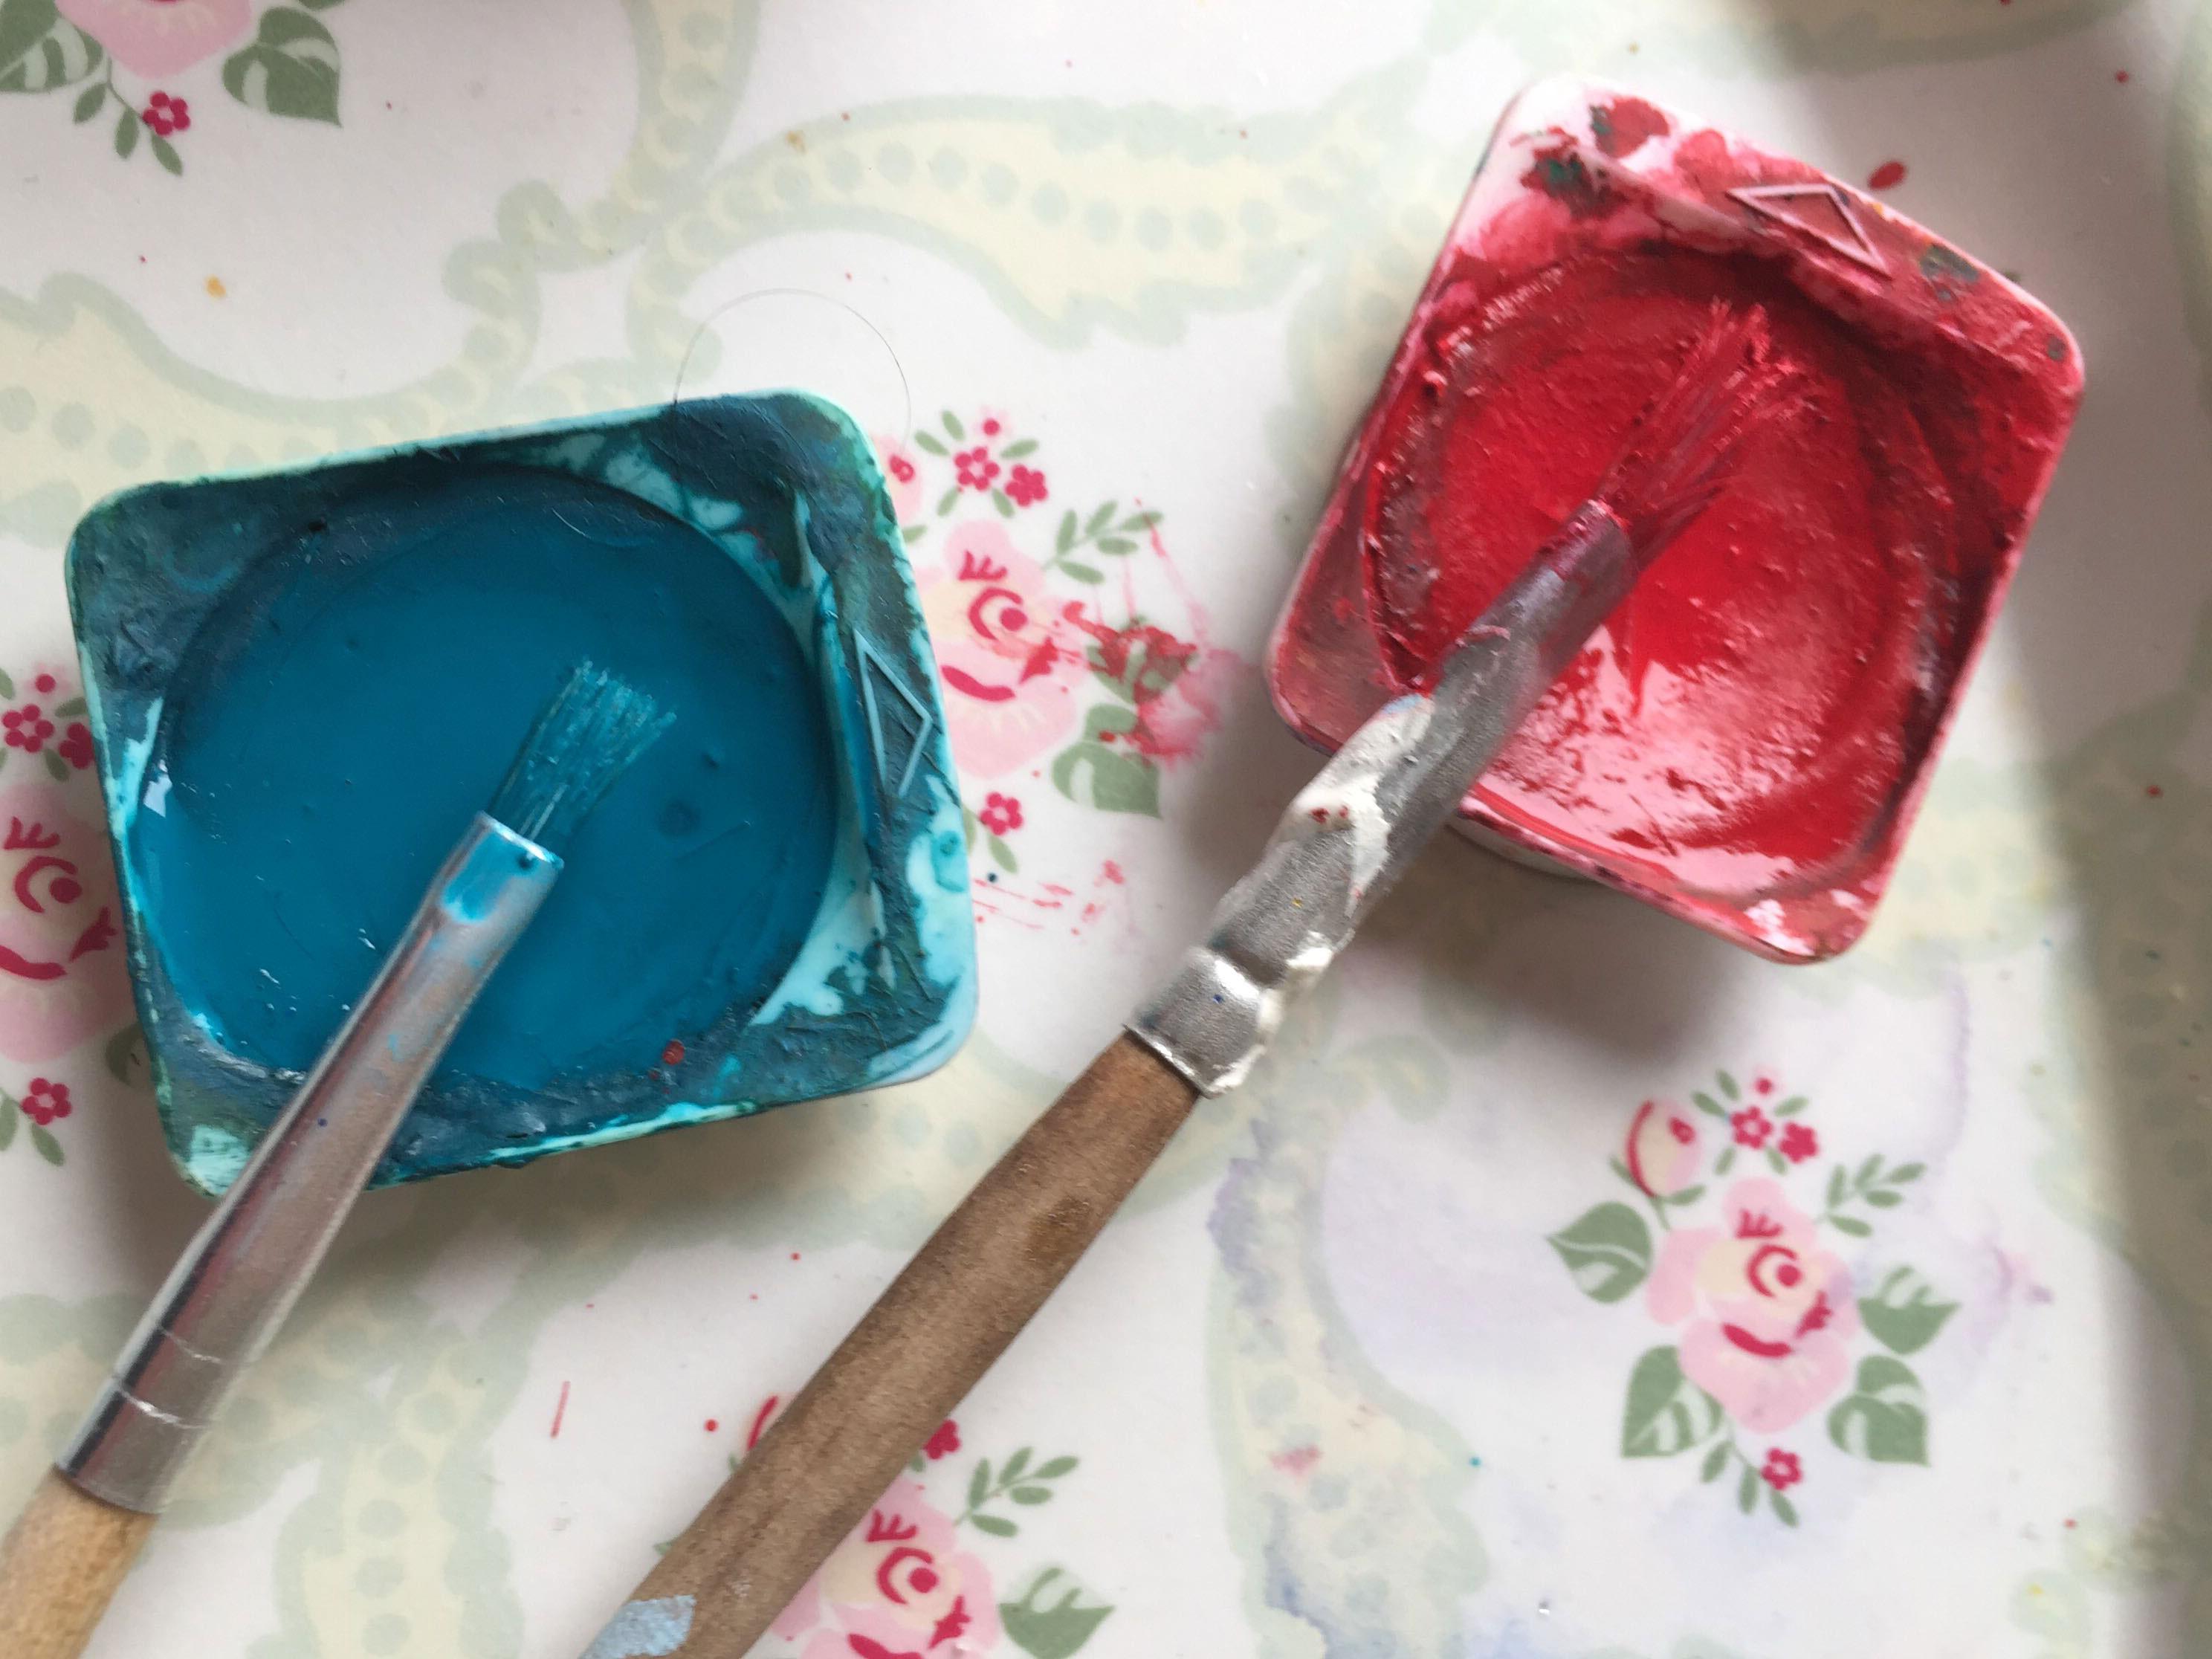 Bezaubernde Liebesgrüße: Mit Pinsel und Farbe lassen sich Herzen einfach gestalten.